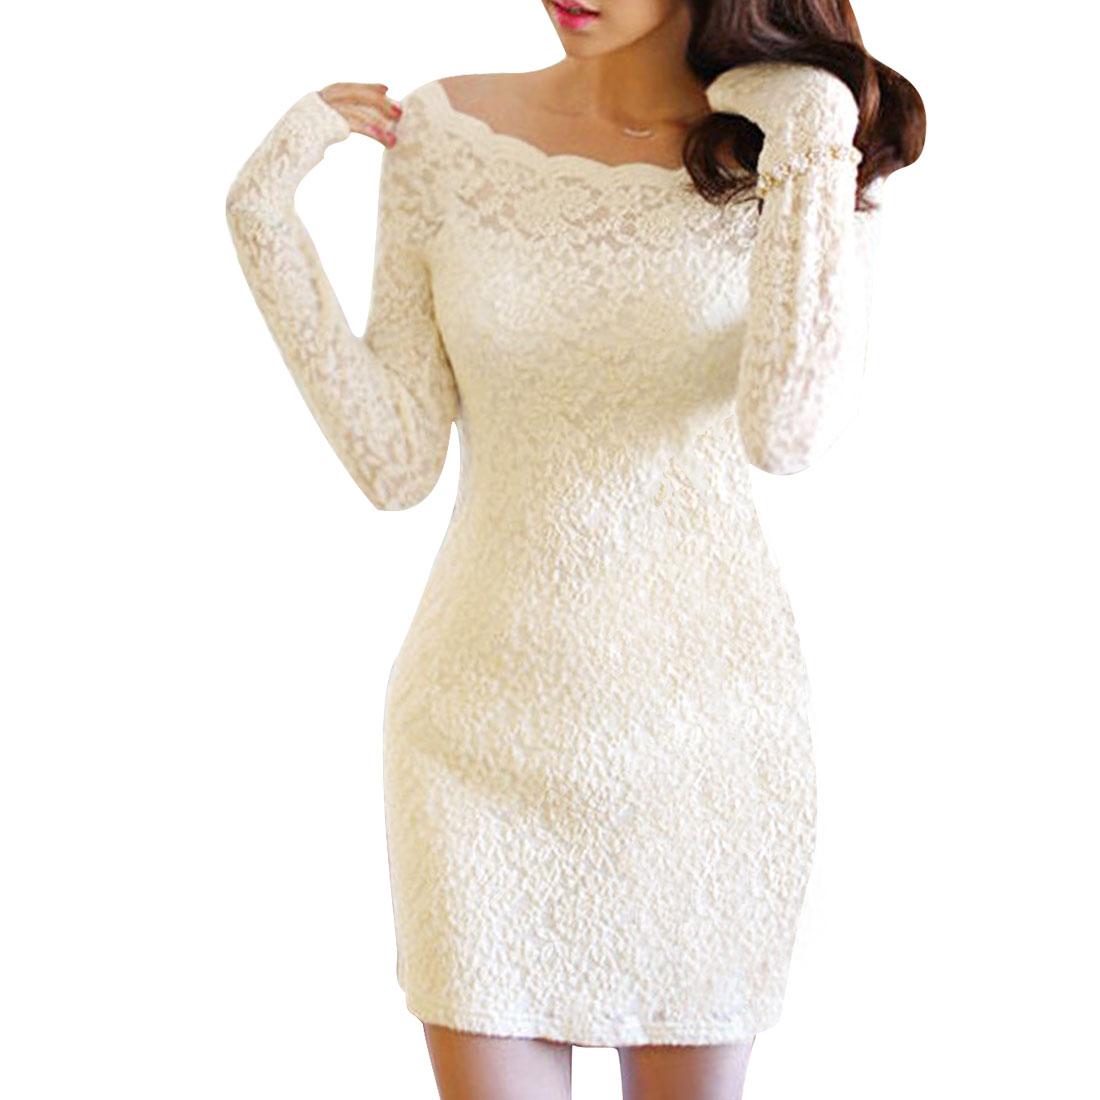 Lady Stylish Slim Boat Neck Long-sleeved Beige Lace Dress XS